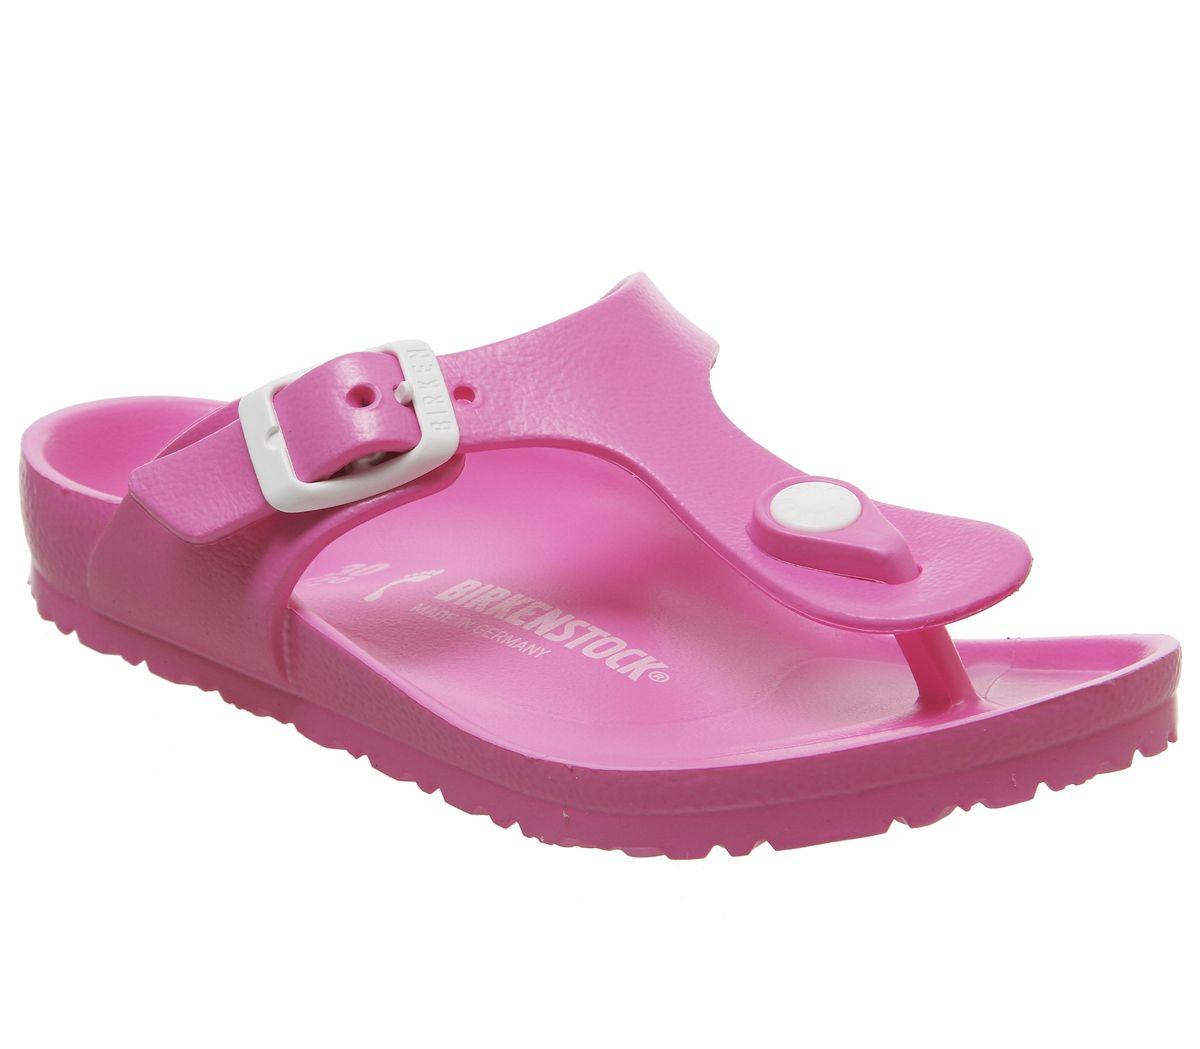 buy popular 9b68a 8a45e Details zu Kinder Birkenstock Gizeh Eva Kinder Sandalen Neon Rosa Kinder